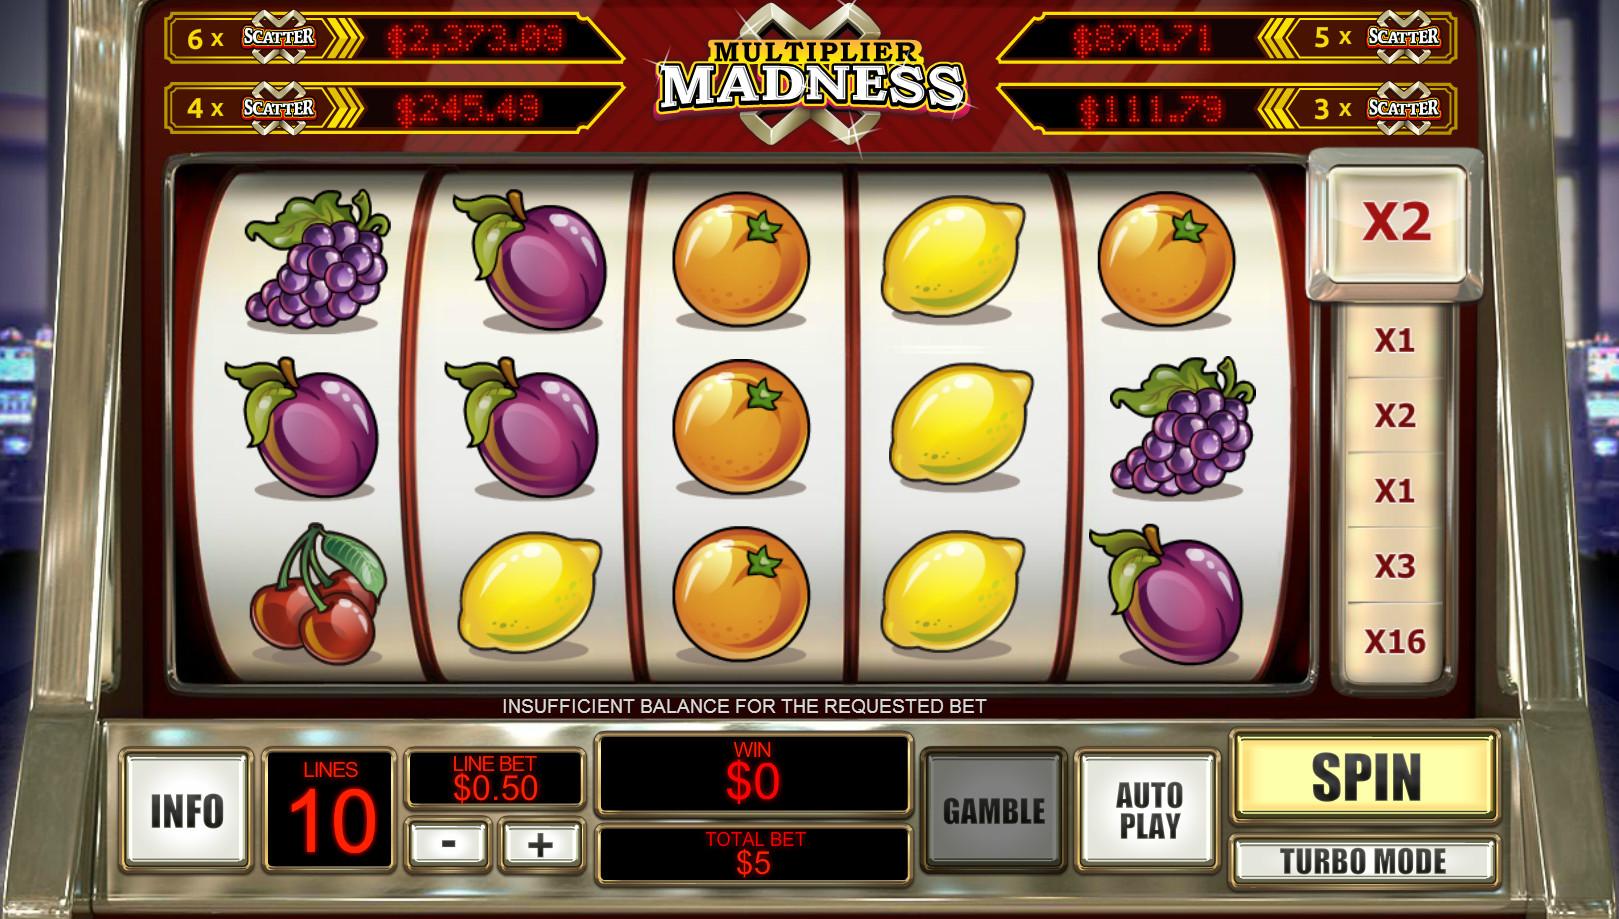 игровой автомат много на дватьсять